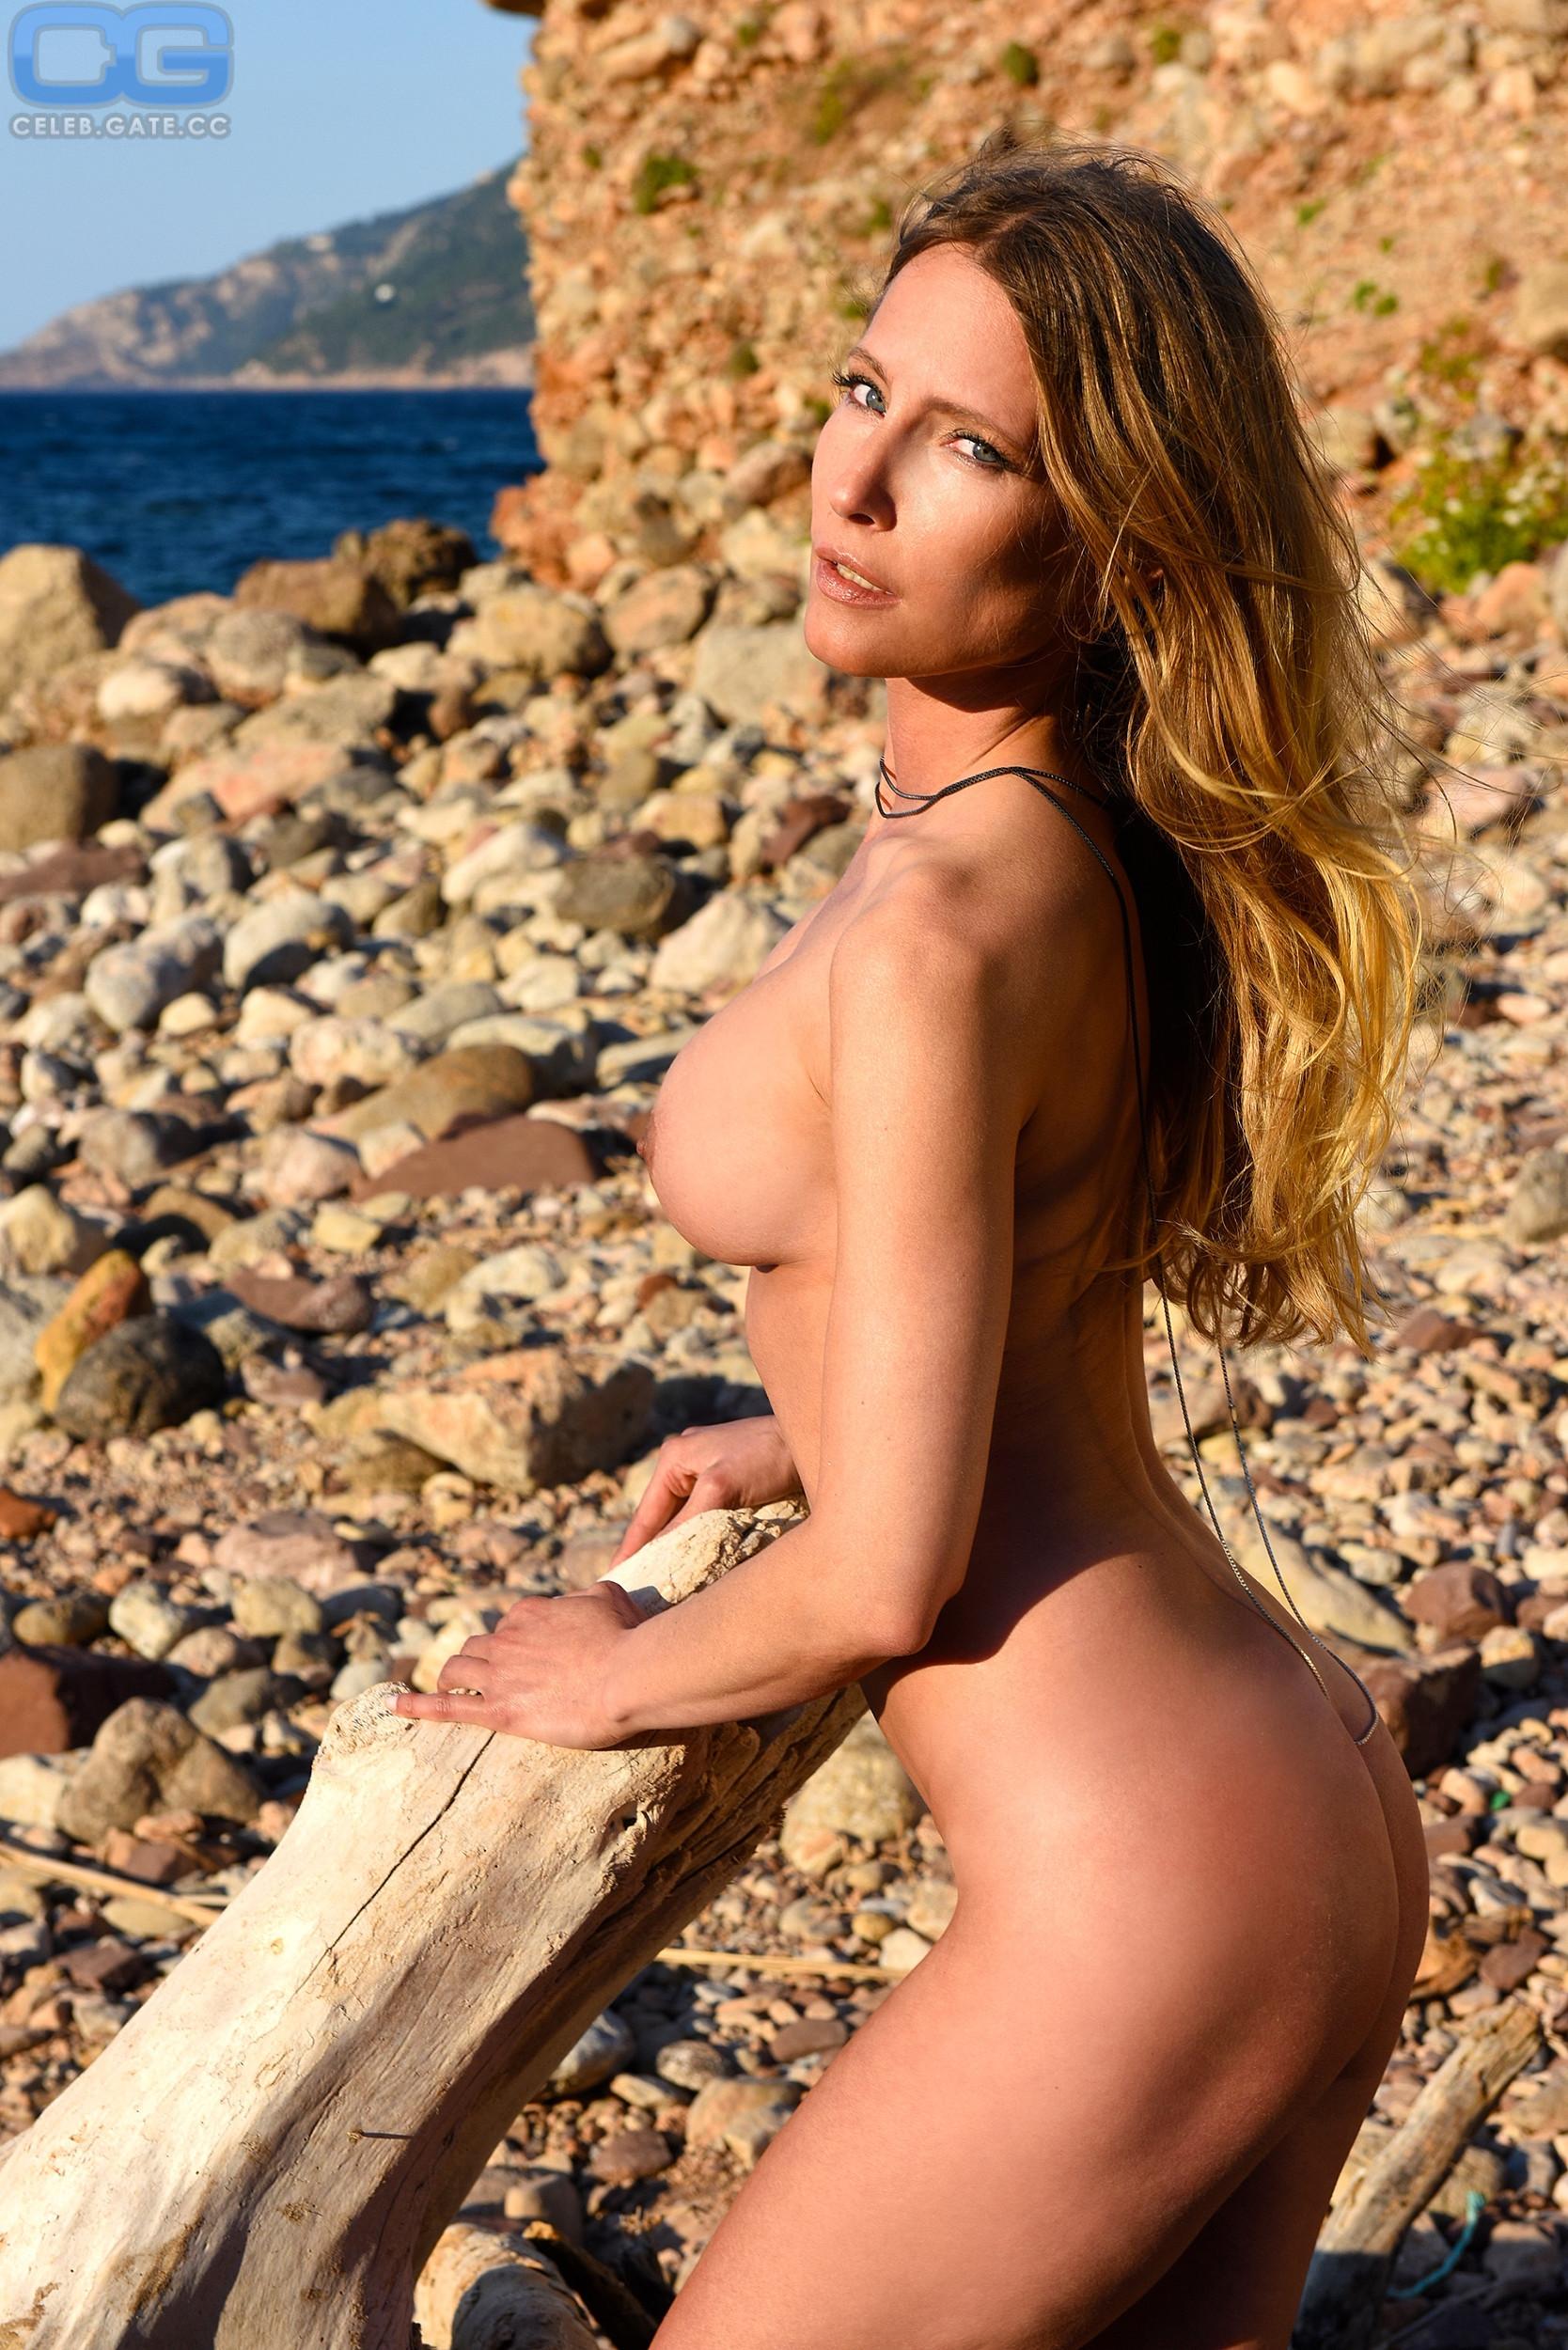 Florentine lahme nude